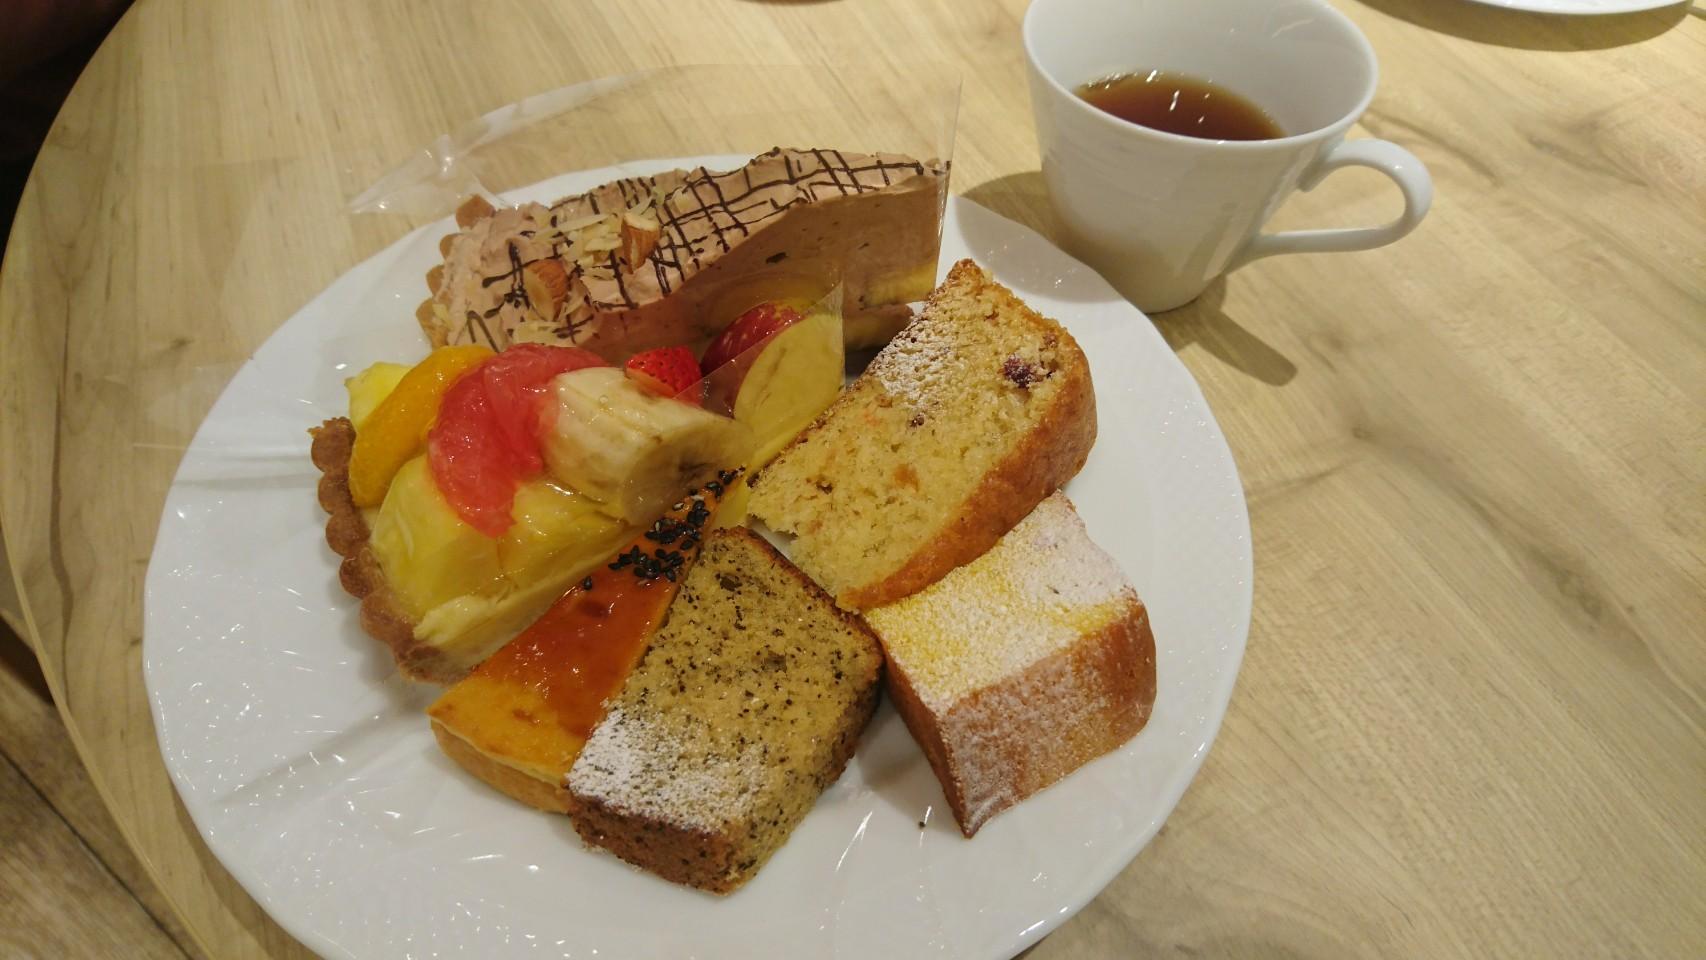 タルト食べ放題の「デリスタルト&カフェ」_1_2-2